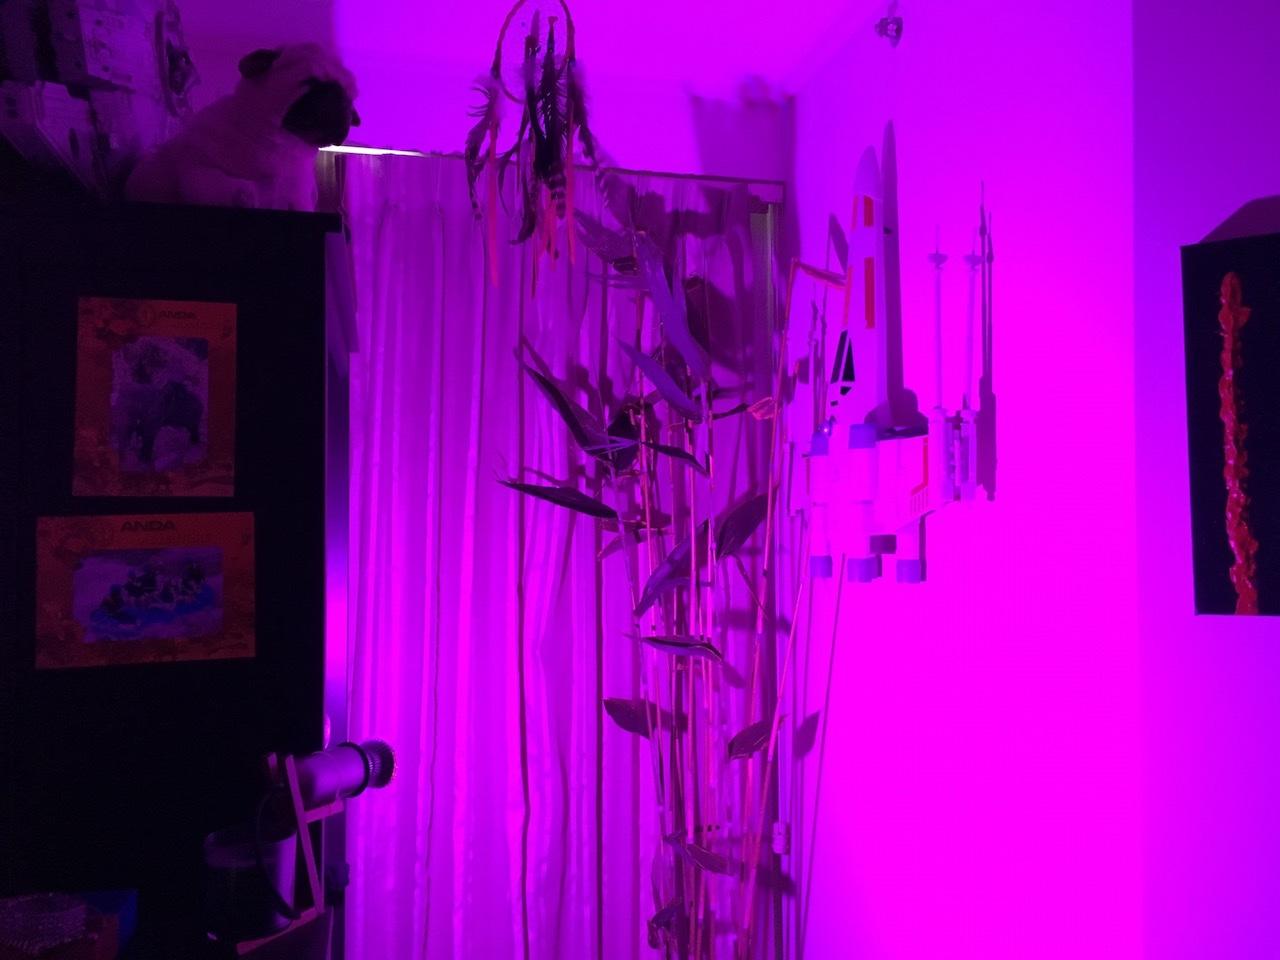 DIY indoor apartment grow light wiring   Igor Kromin